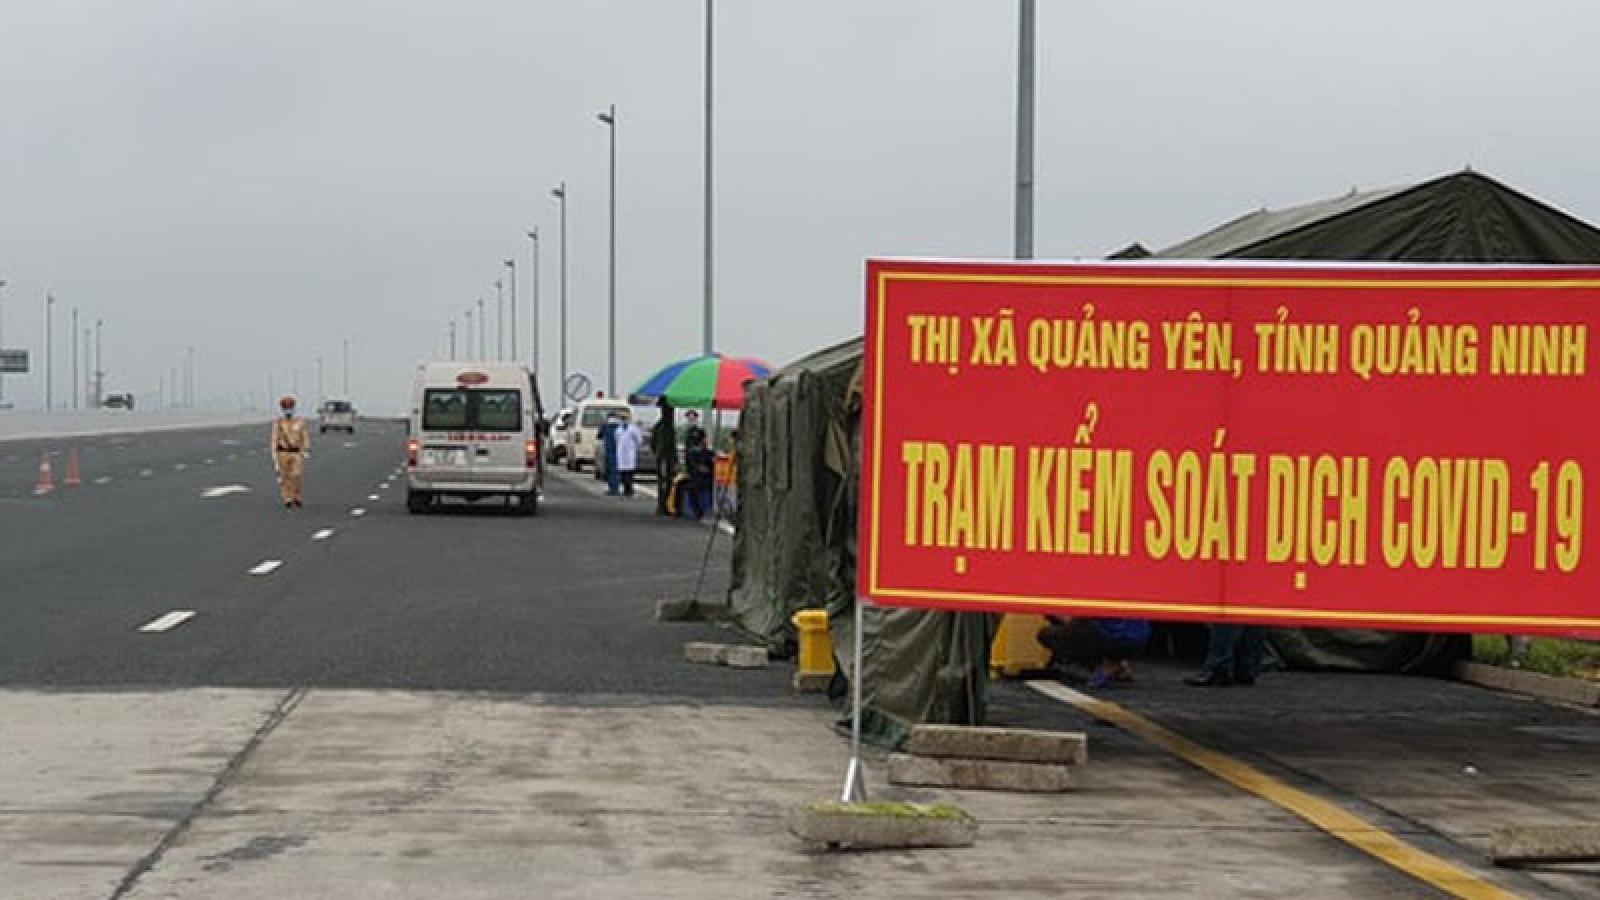 Yêu cầu phân luồng giao thông từ xa những địa phương bị phong tỏa để phòng Covid-19